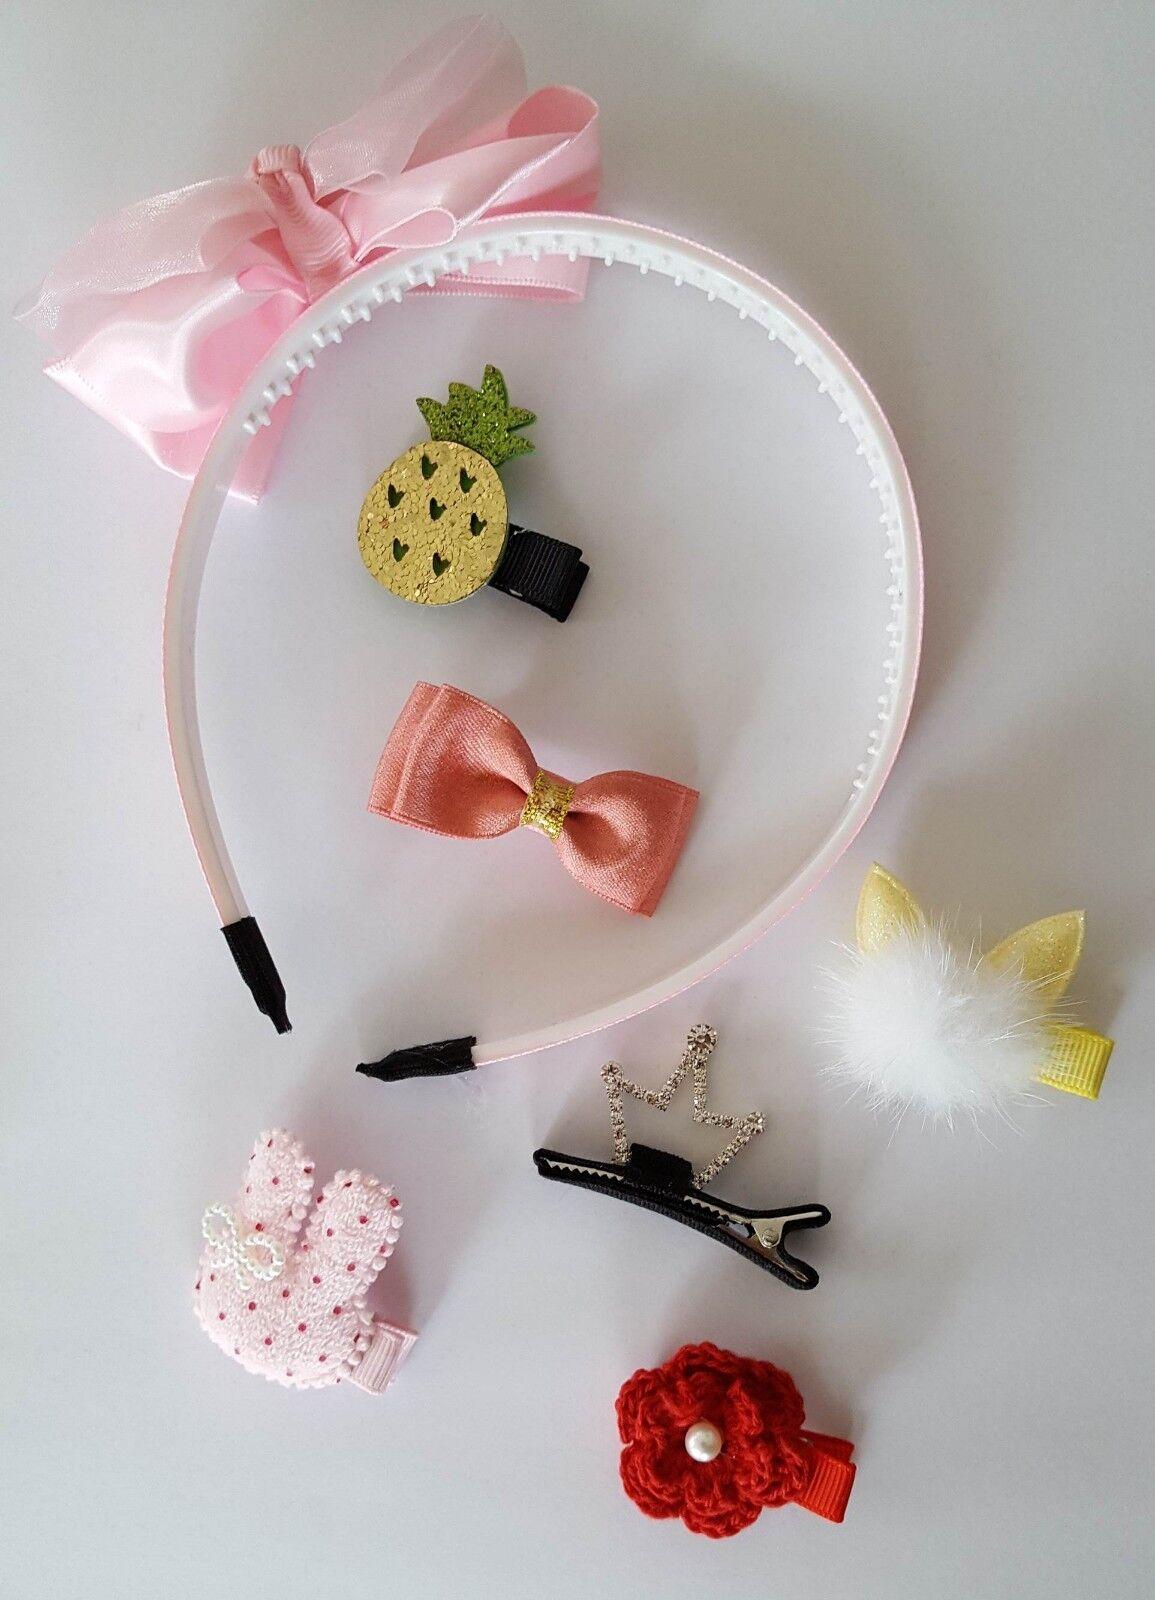 Haarklammer Haarspange Haarreif Geschenk Set Haarschmuck Haar Klammer Spange